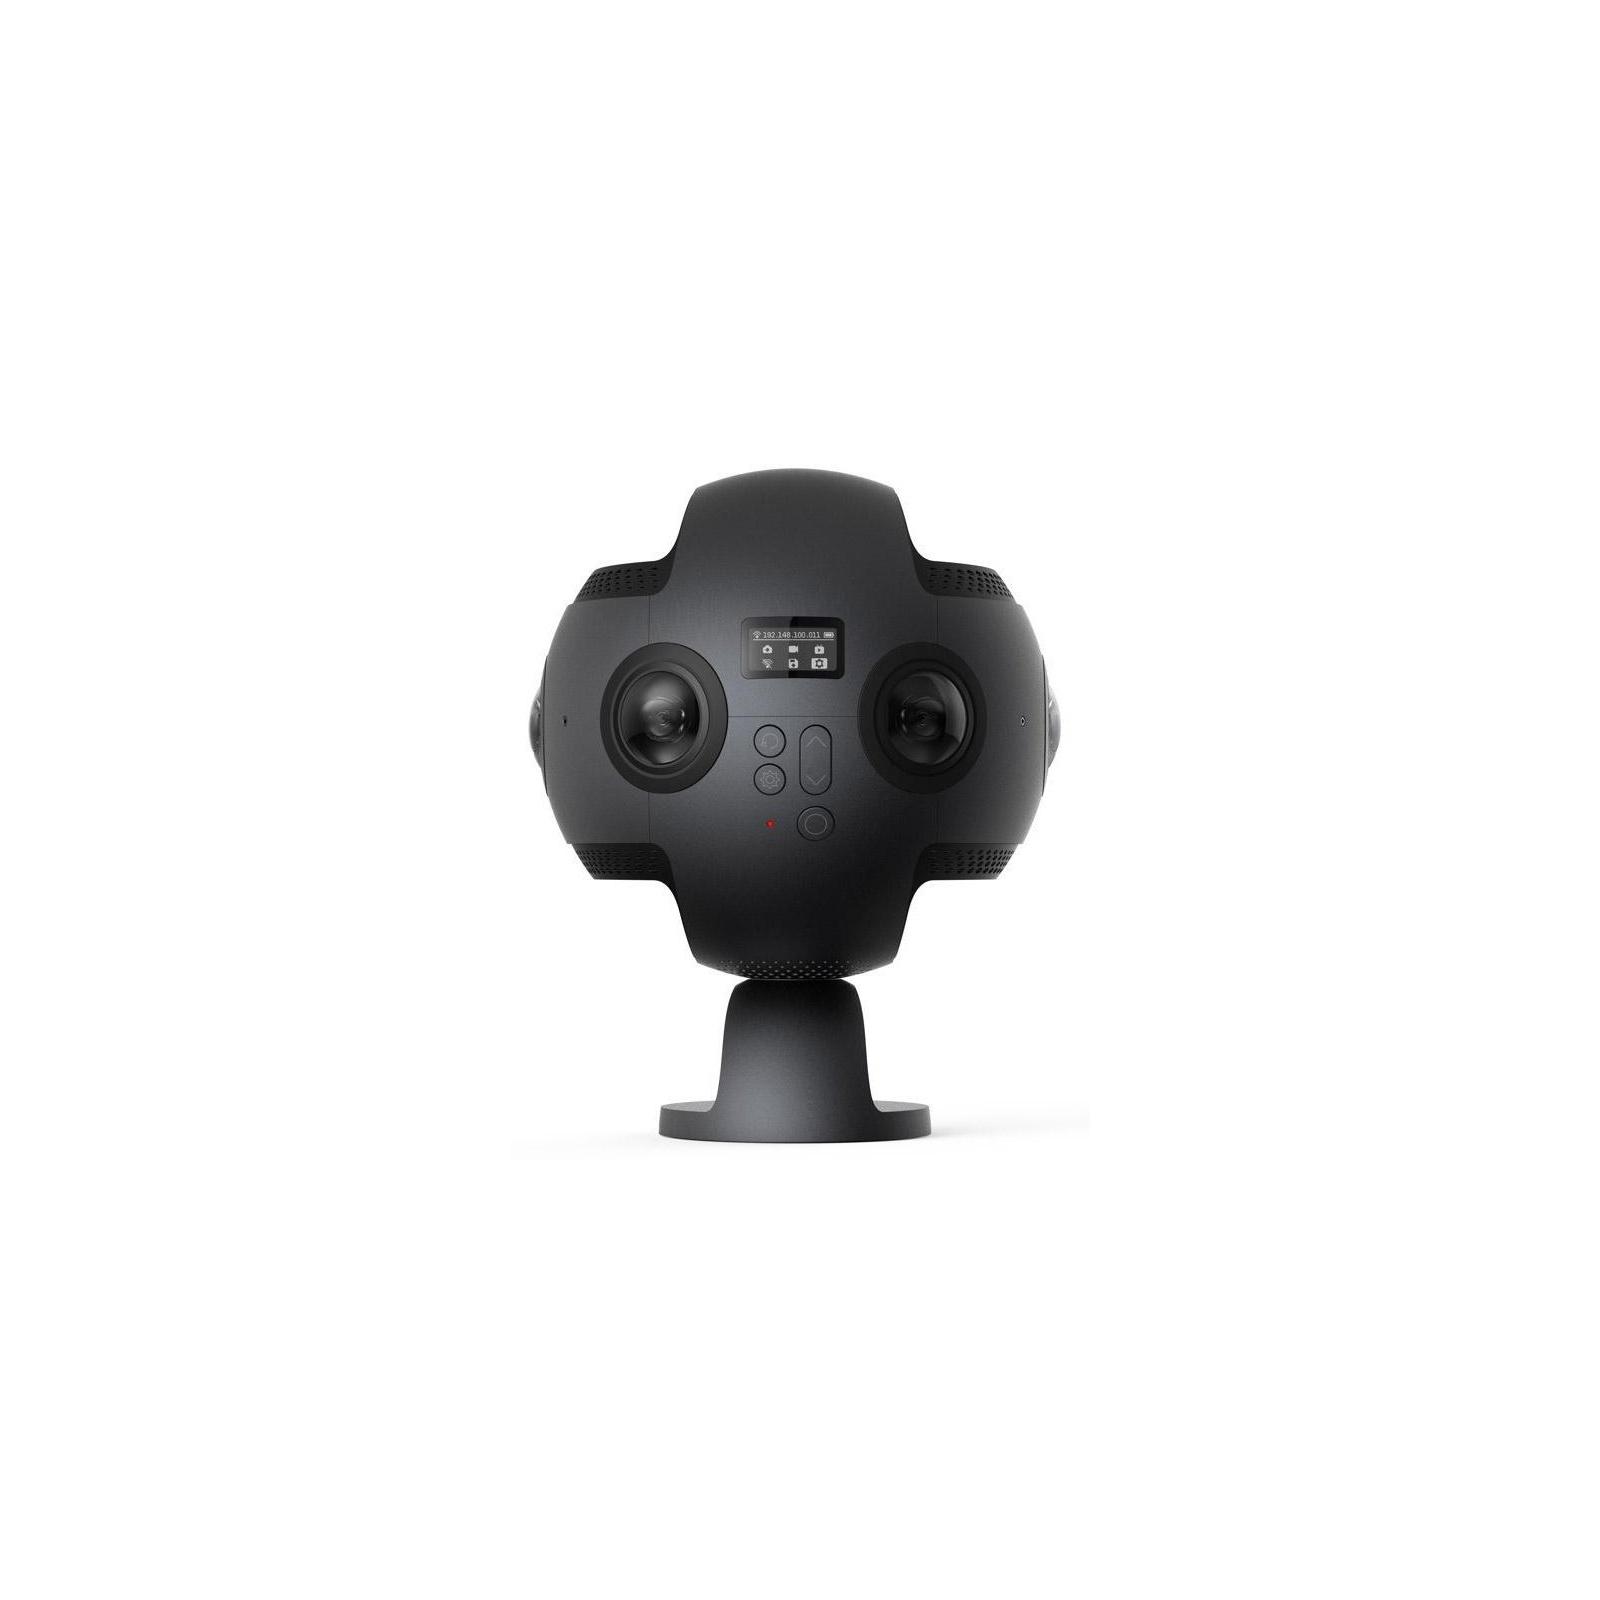 Цифровая видеокамера Insta360 Pro (304000) изображение 3